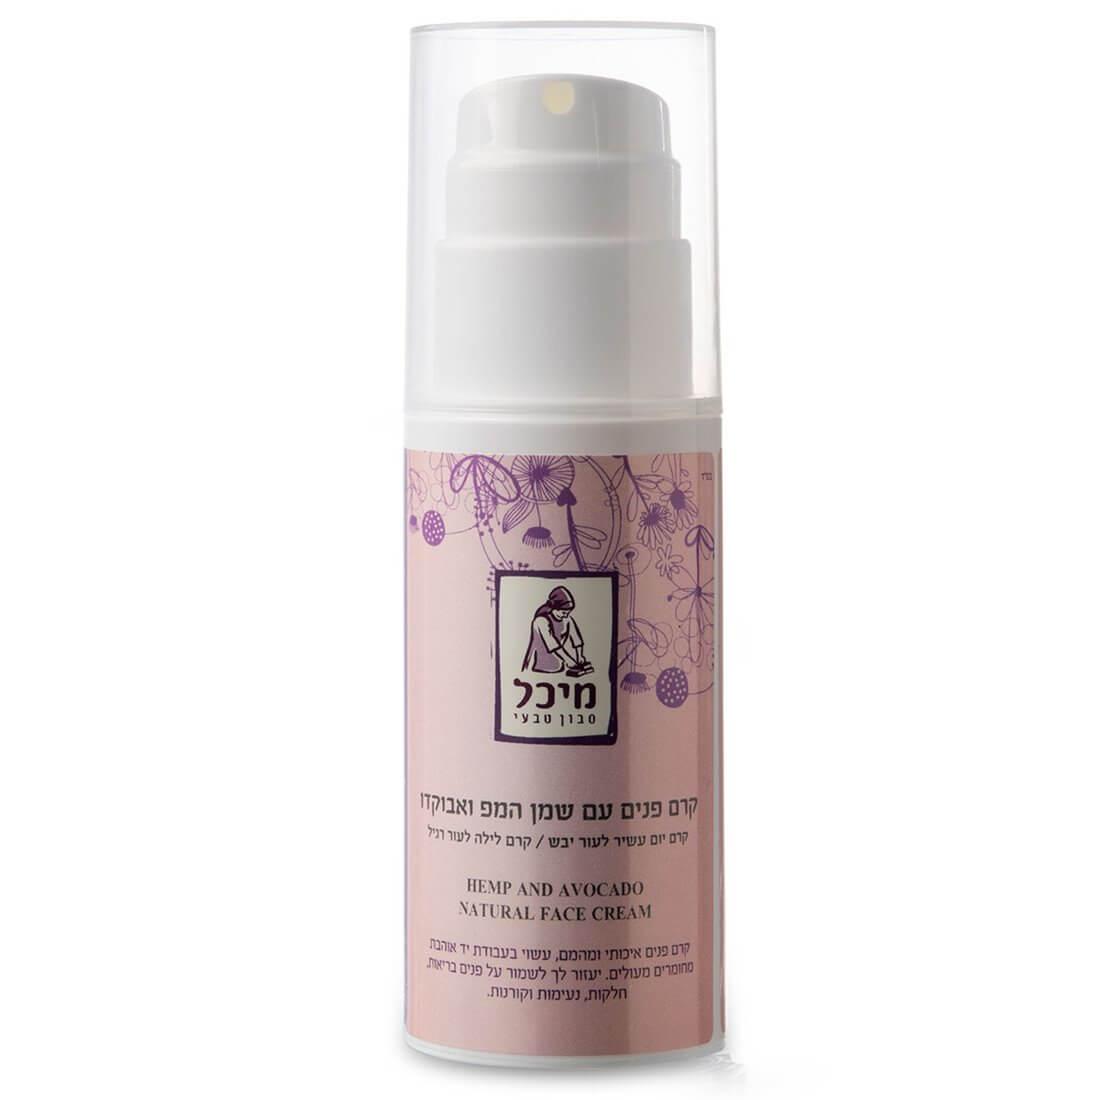 קרם פנים טבעי עם שמן המפ ואבוקדו לעור יבש